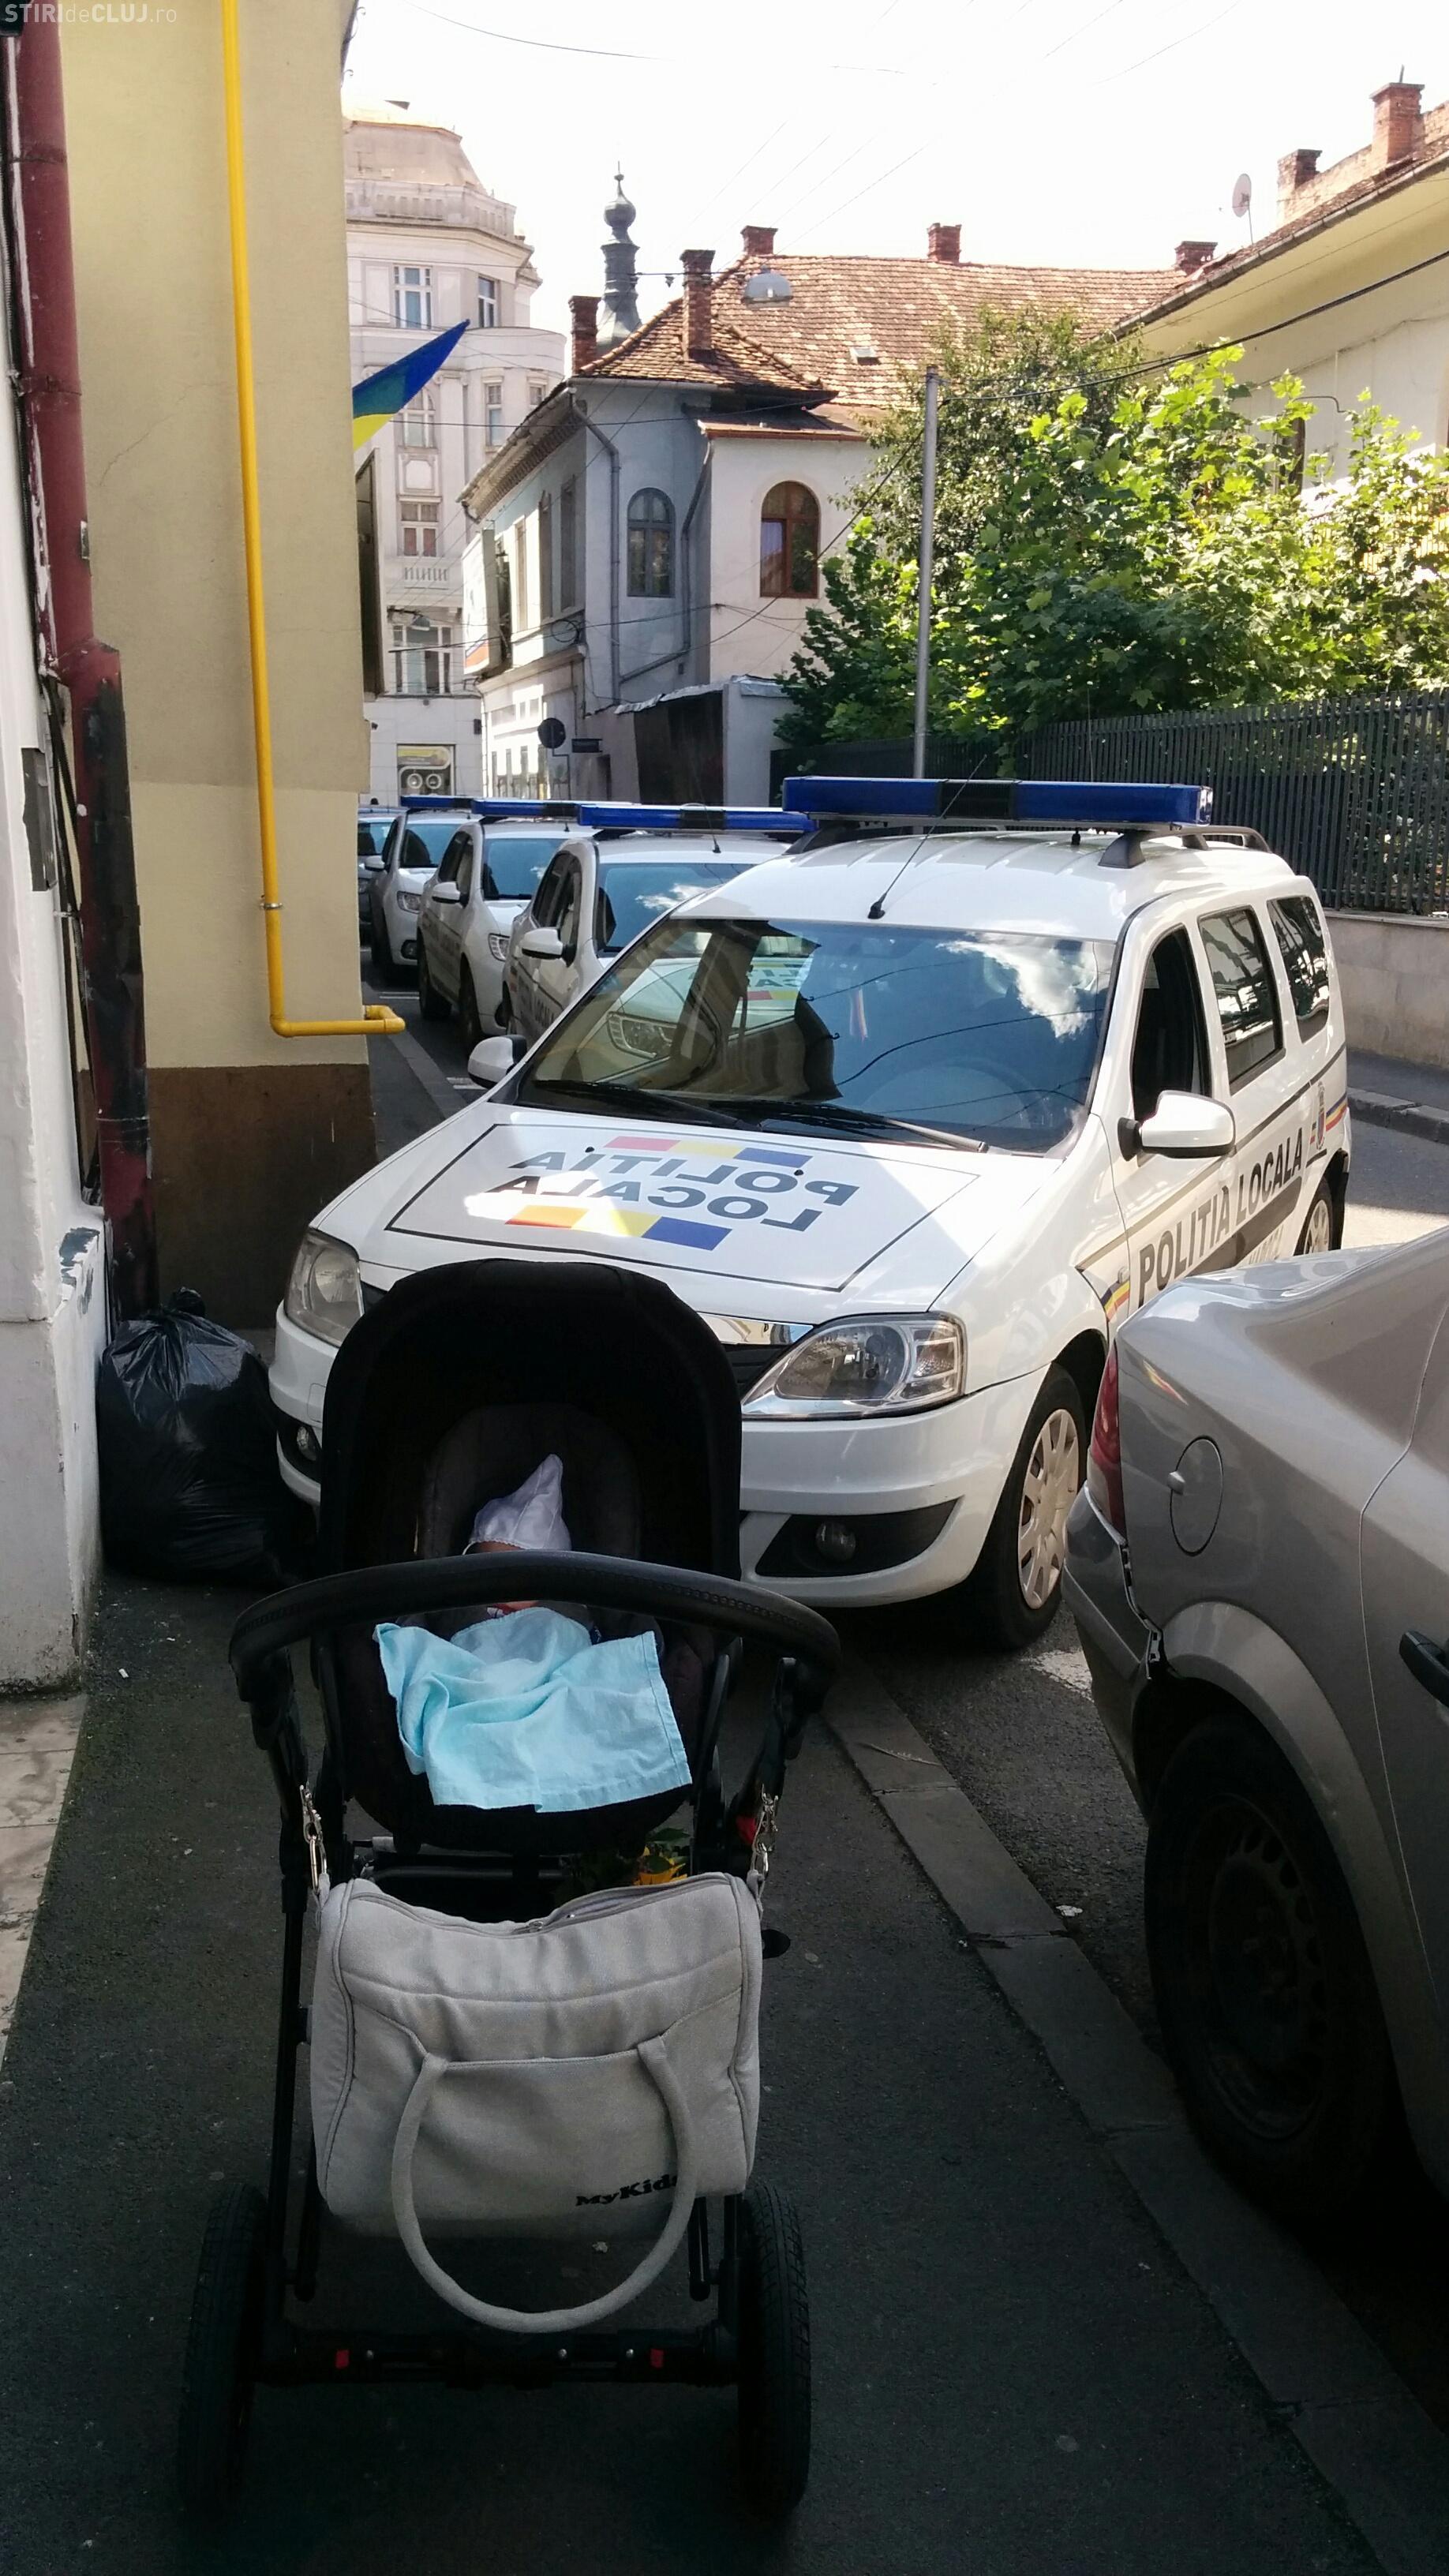 """""""Pe deșteptul ăsta cine îl amendează?"""". Poliția Locală din Cluj-Napoca face ce vrea - FOTO"""